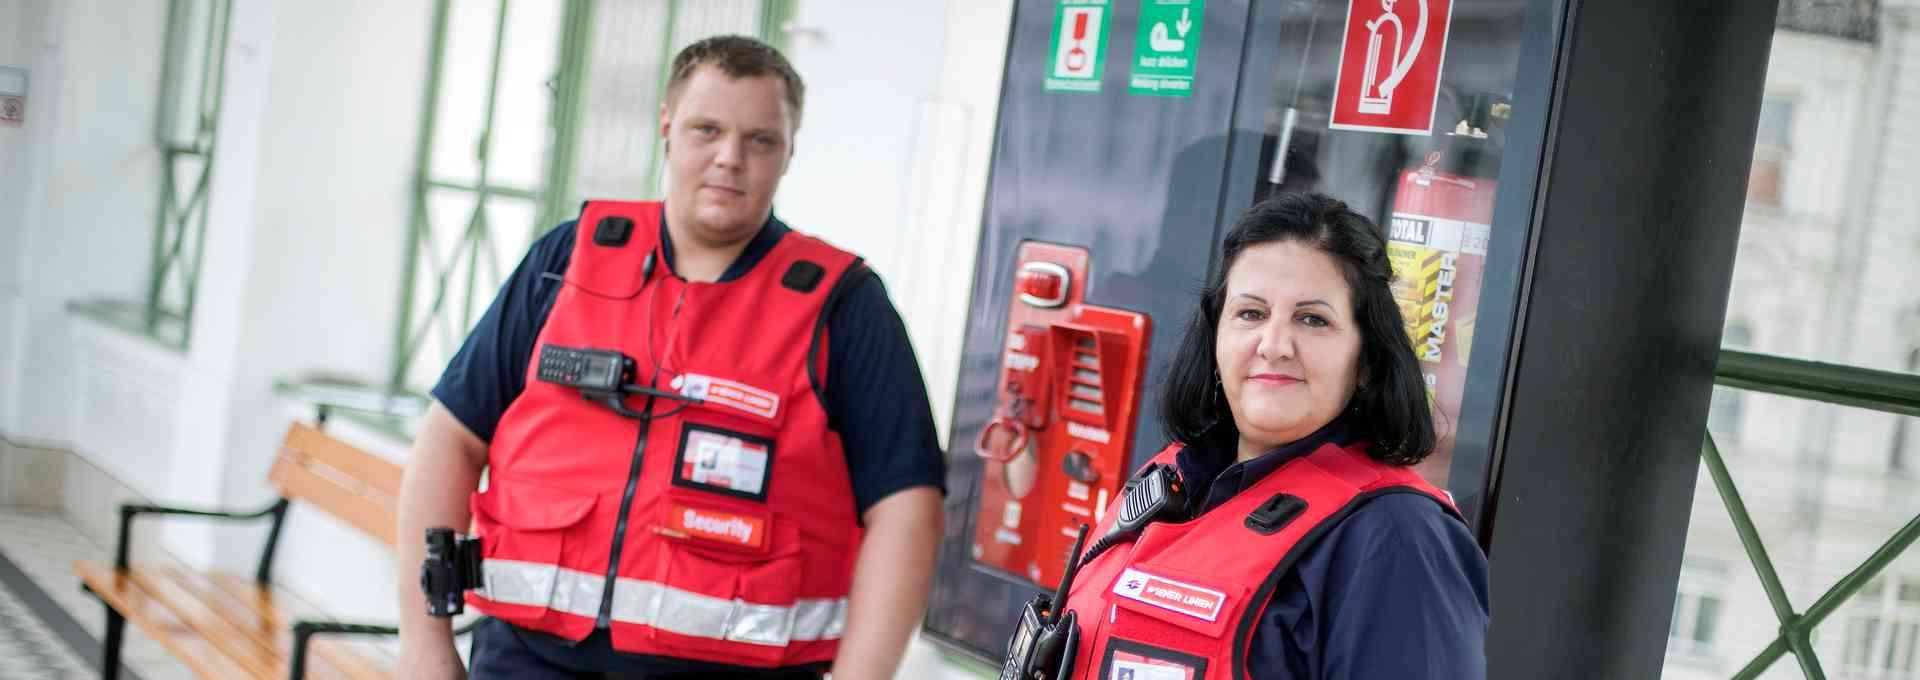 Sevim Sarikaya und Manuel Baier gehören zu den neuen Sicherheitsmitarbeitern der Wiener Linien.